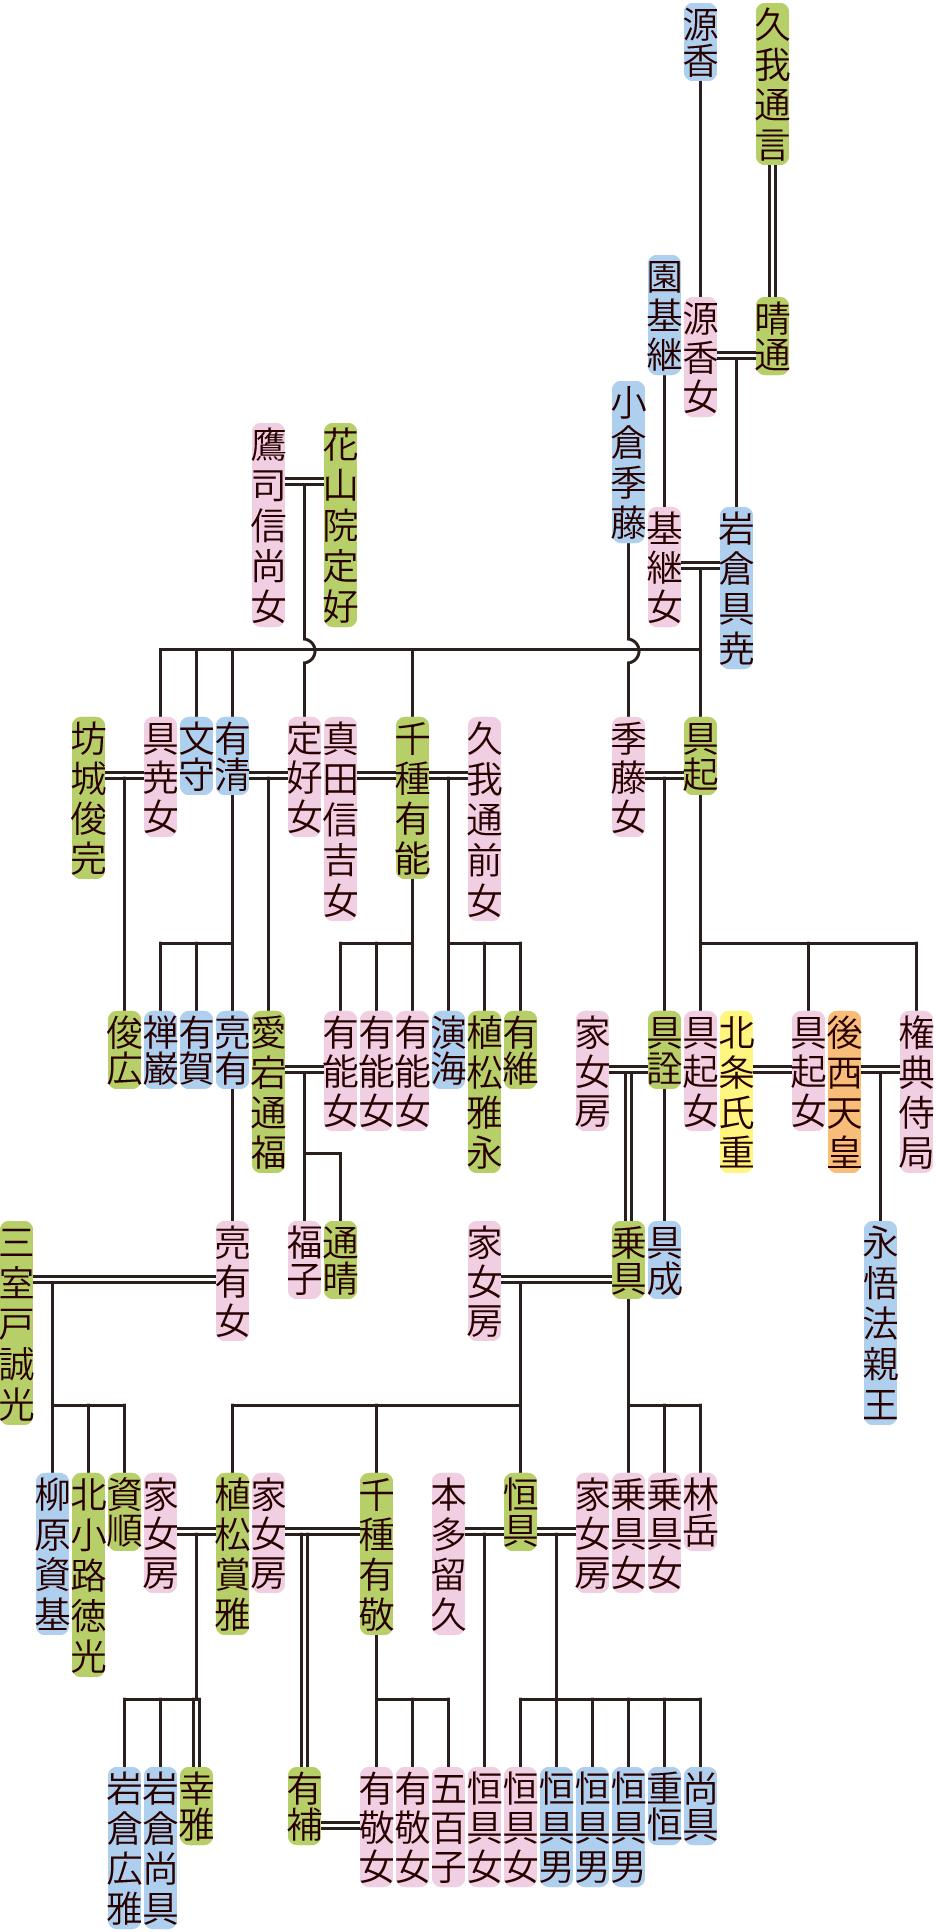 岩倉具尭~乗具の系図